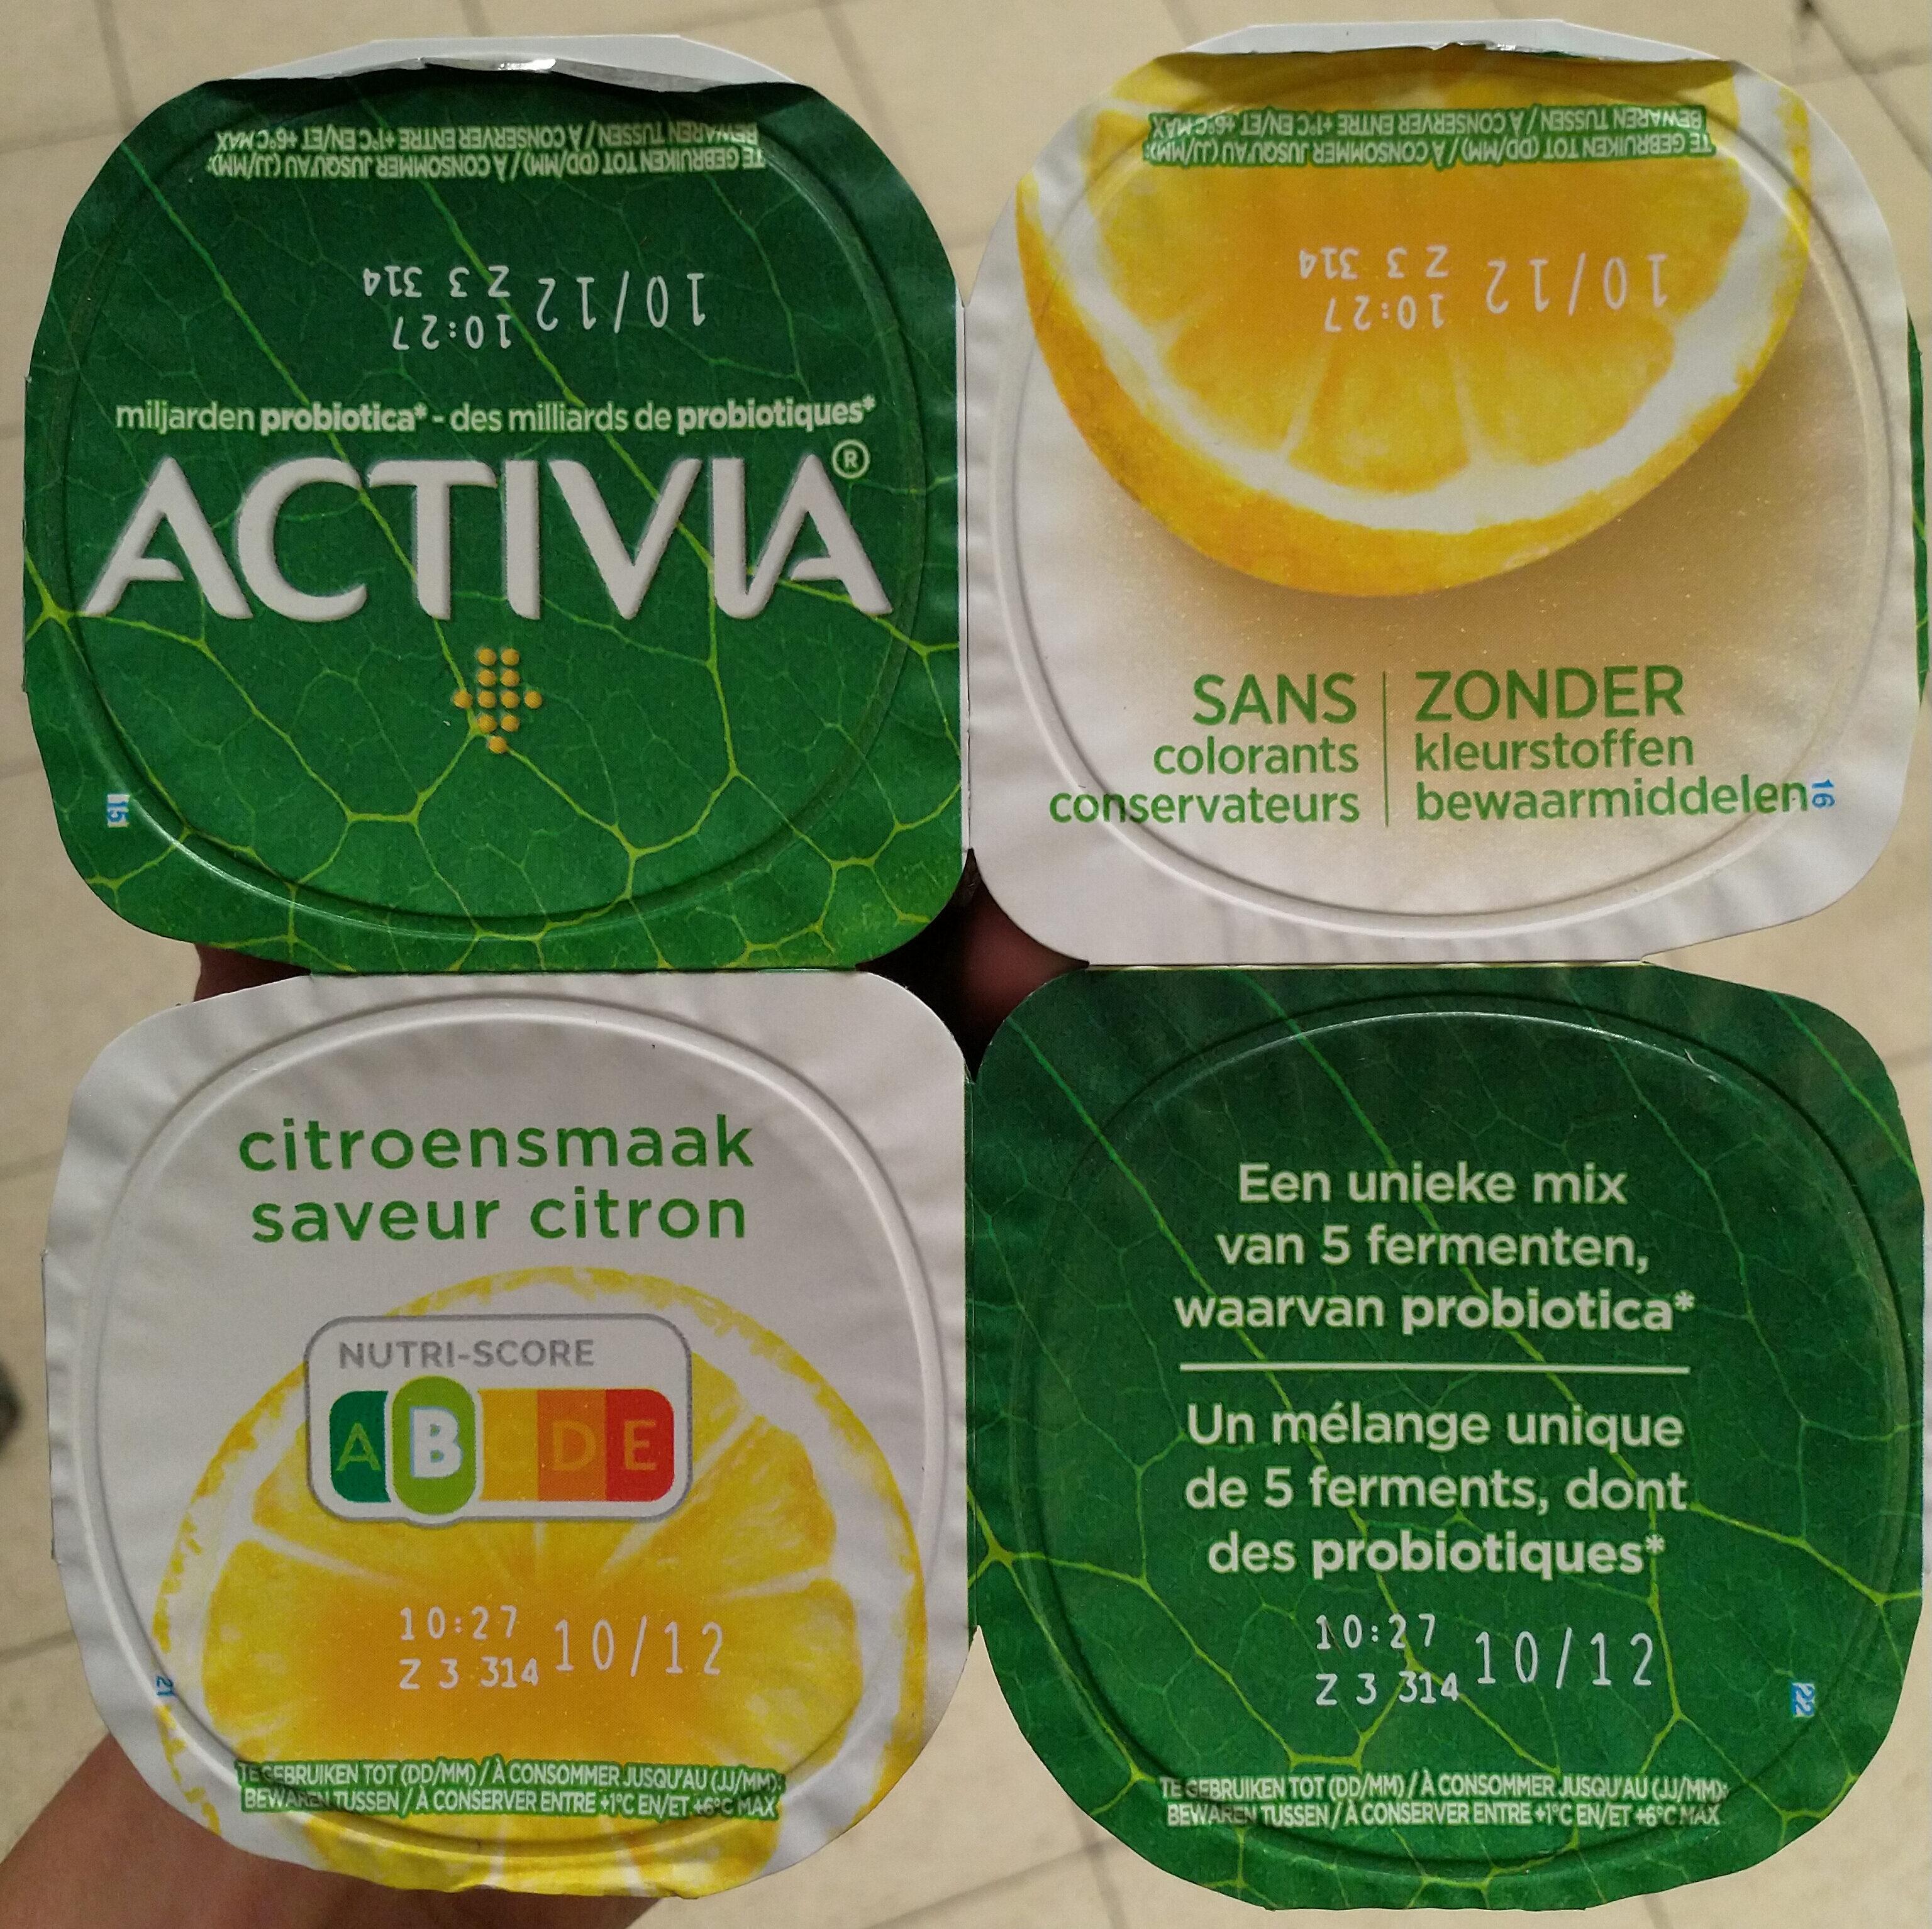 Activia saveur citron - Product - nl